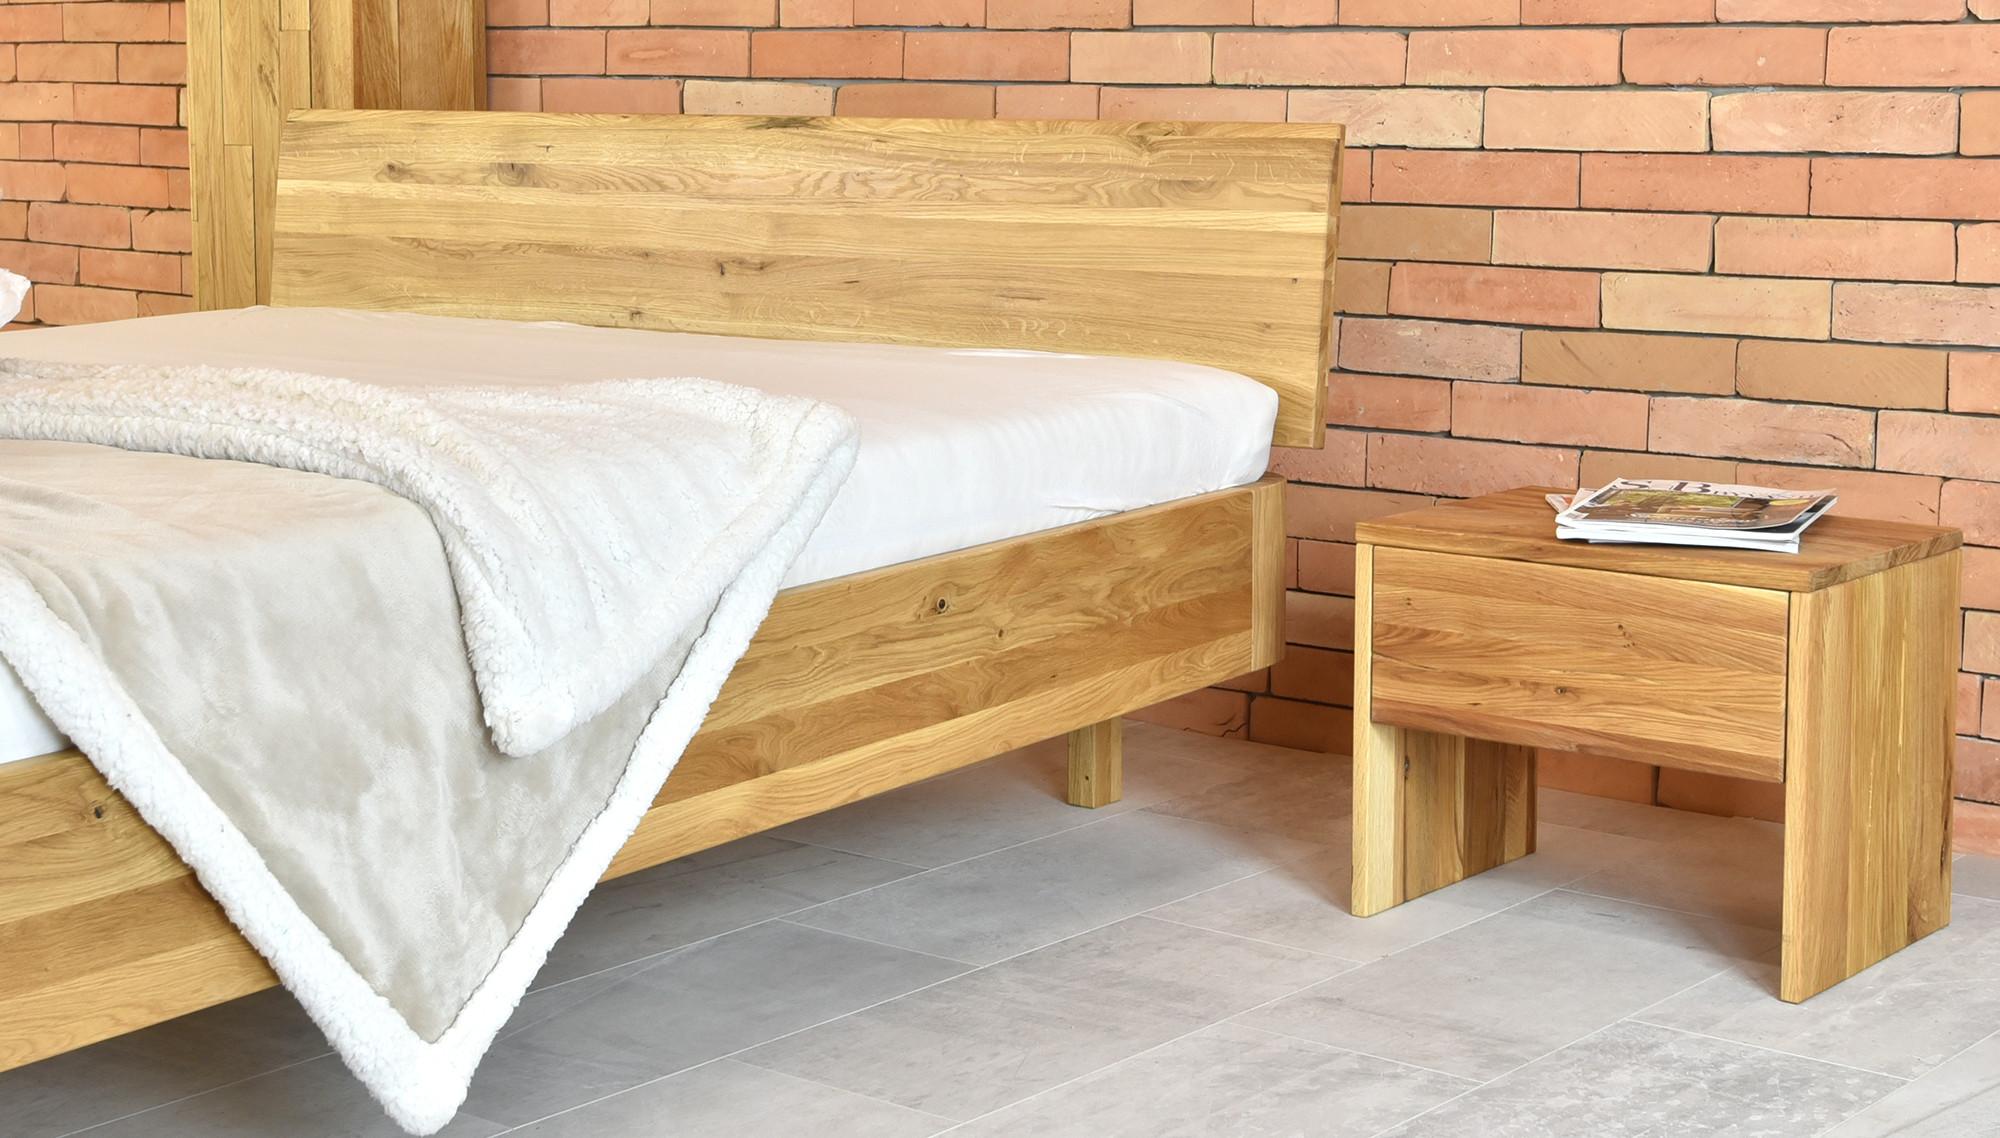 ziemlich stockholm bettrahmen fotos benutzerdefinierte bilderrahmen ideen. Black Bedroom Furniture Sets. Home Design Ideas